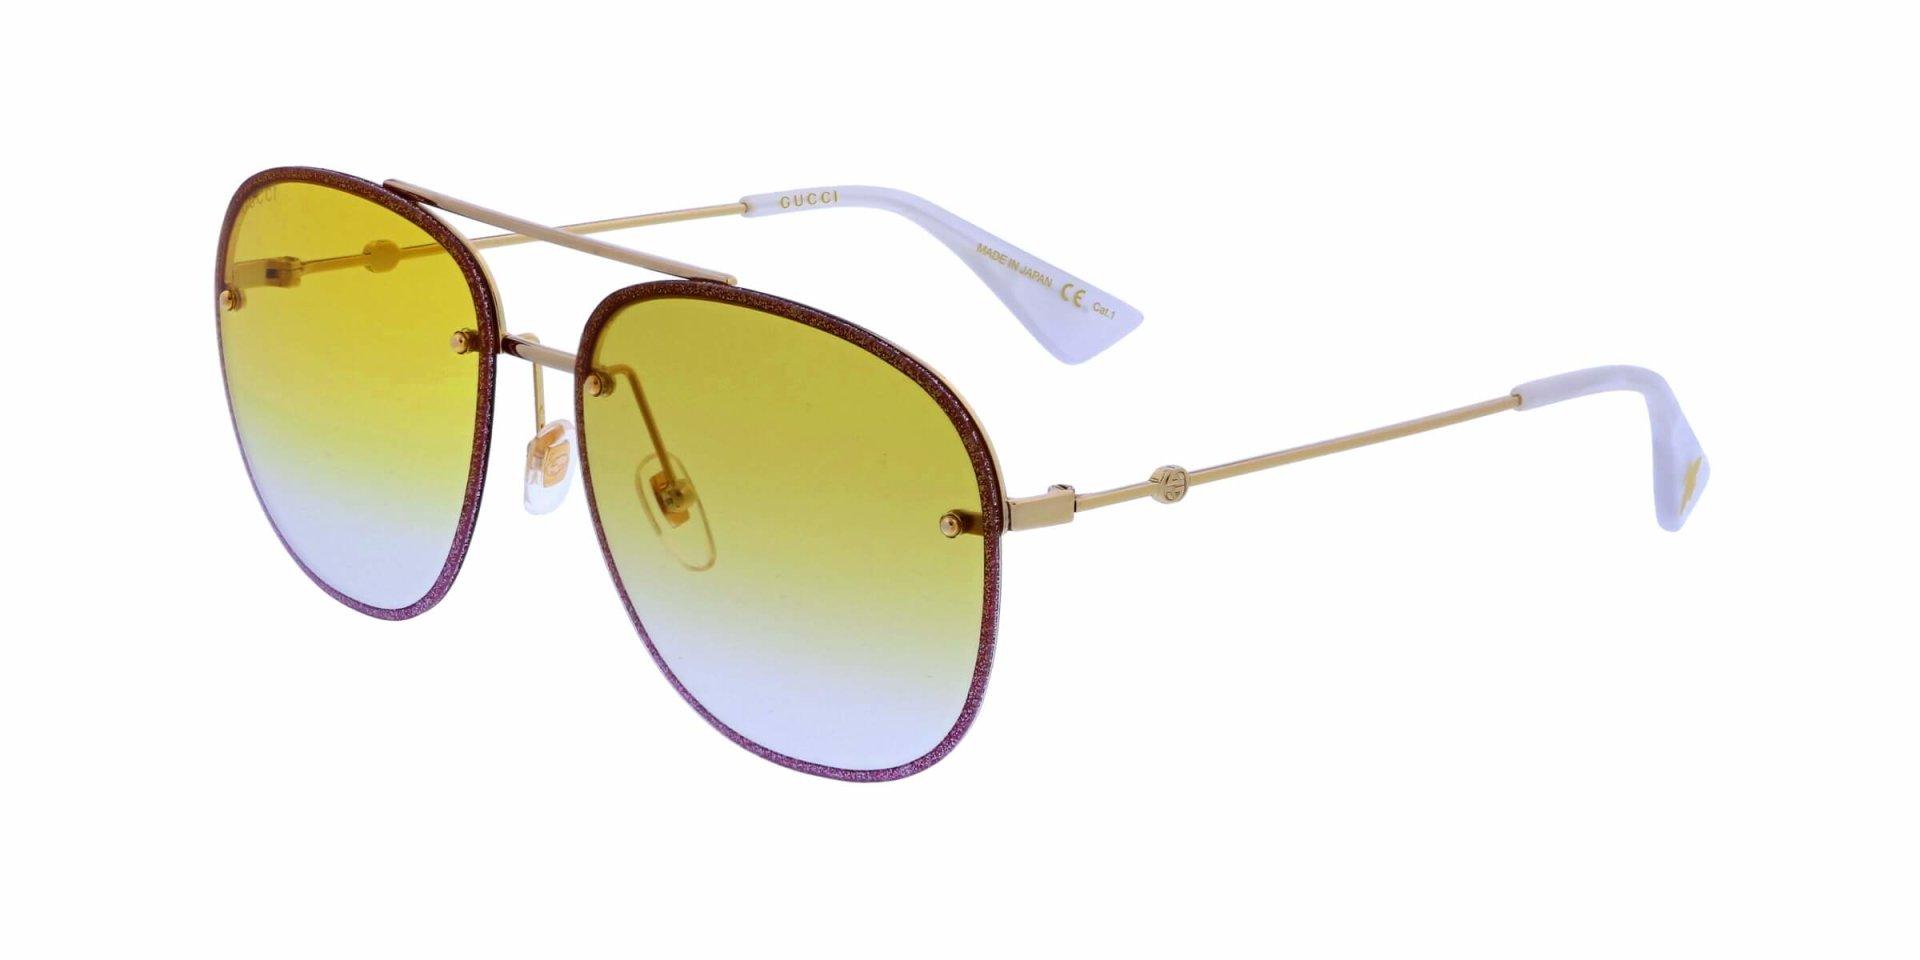 529fdadb3f1 Sunglasses GUCCI